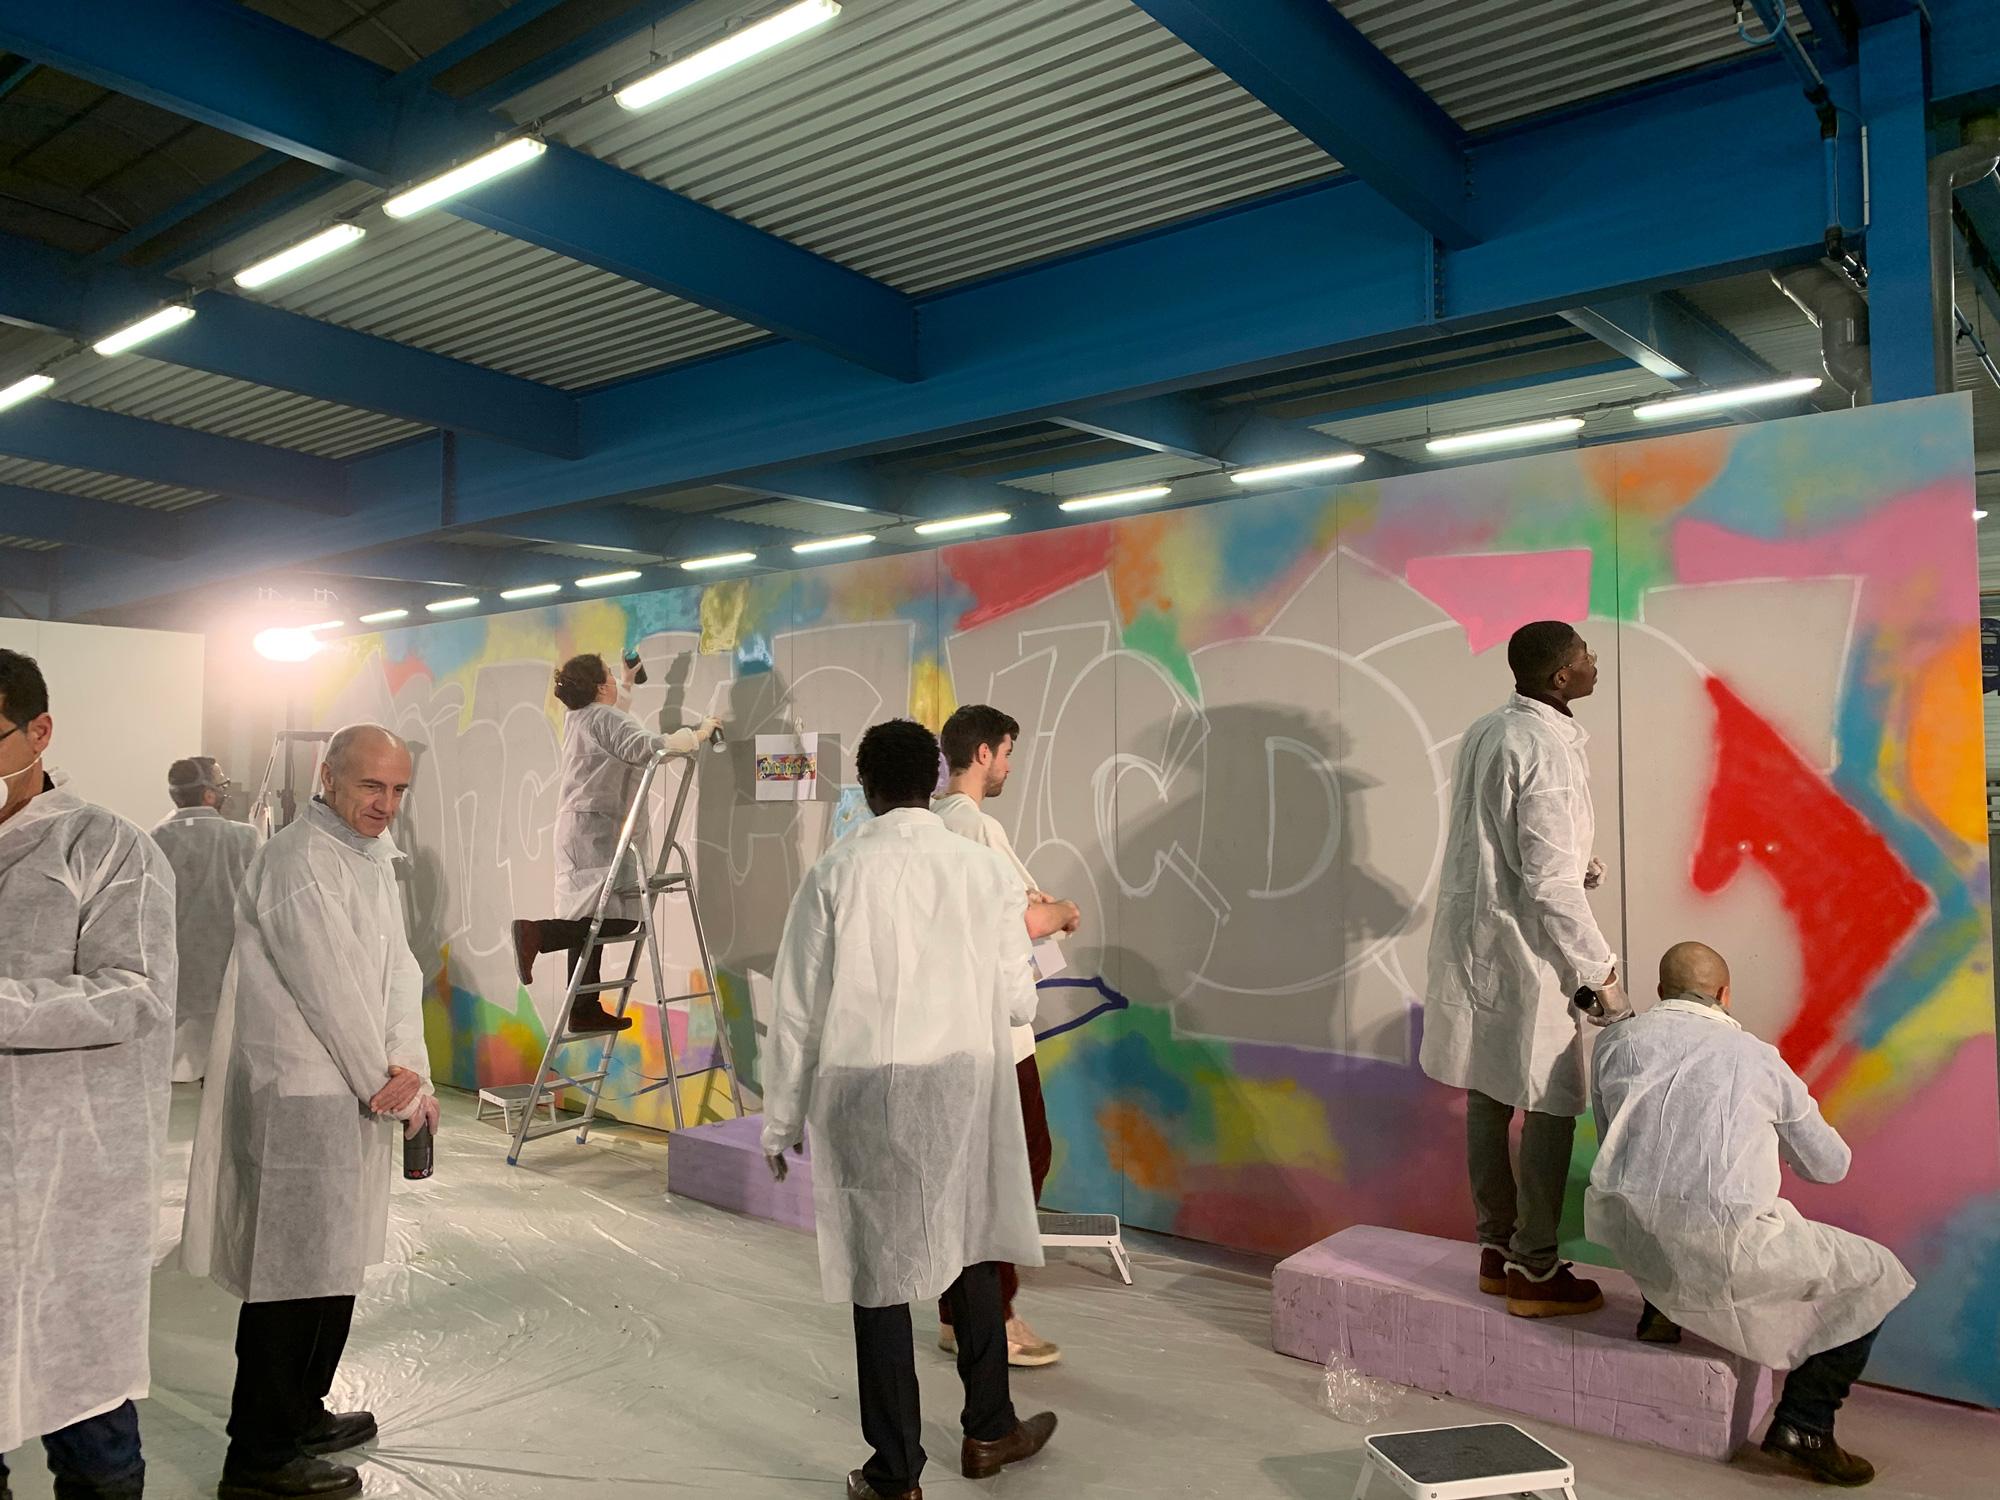 fresque graffiti participative